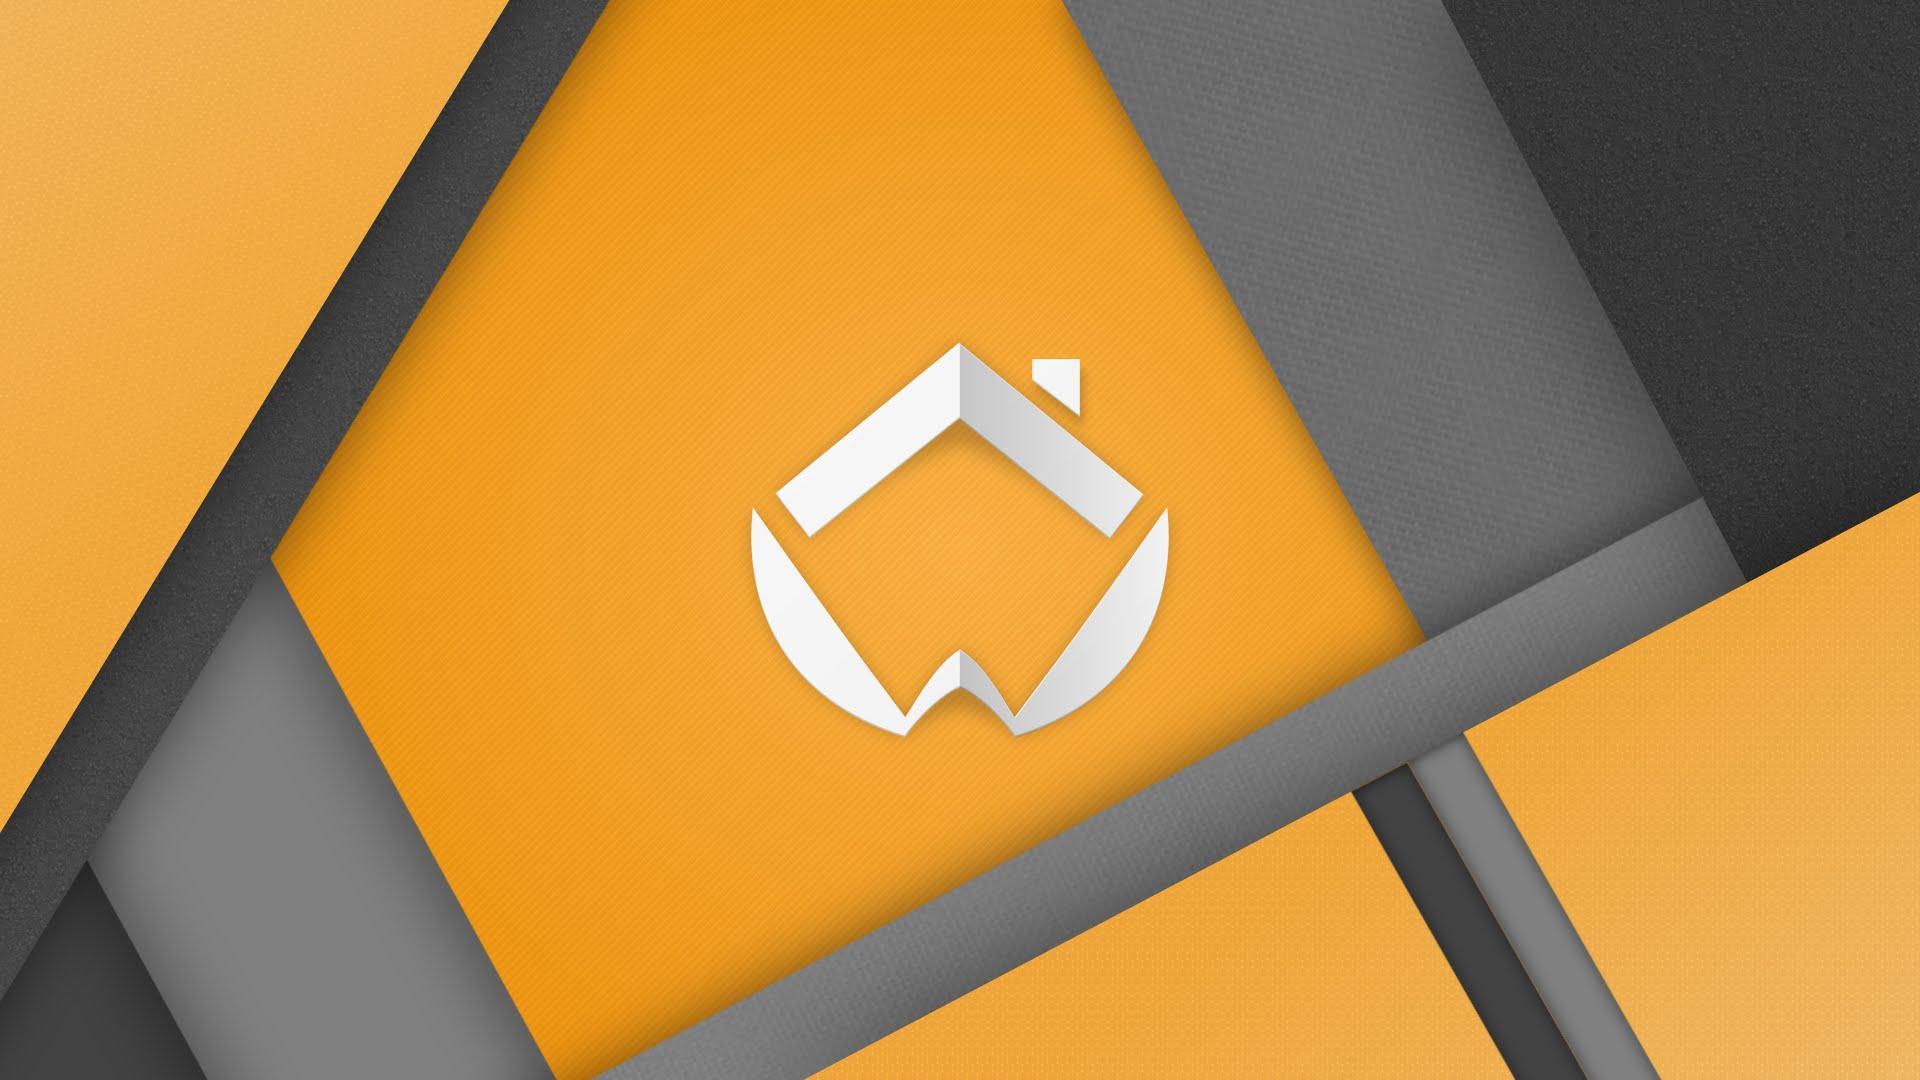 تحميل تطبيق ADW Launcher 2 لهواتف اندرويد